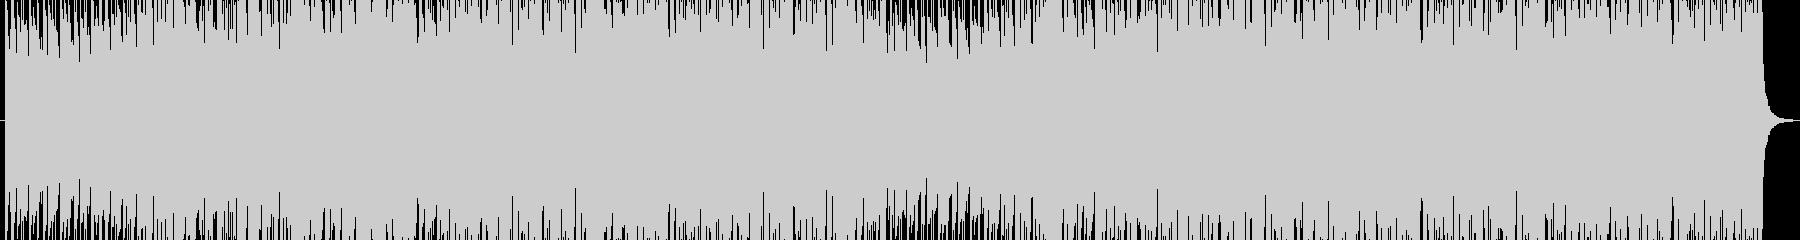 軽快なサウンドの未再生の波形